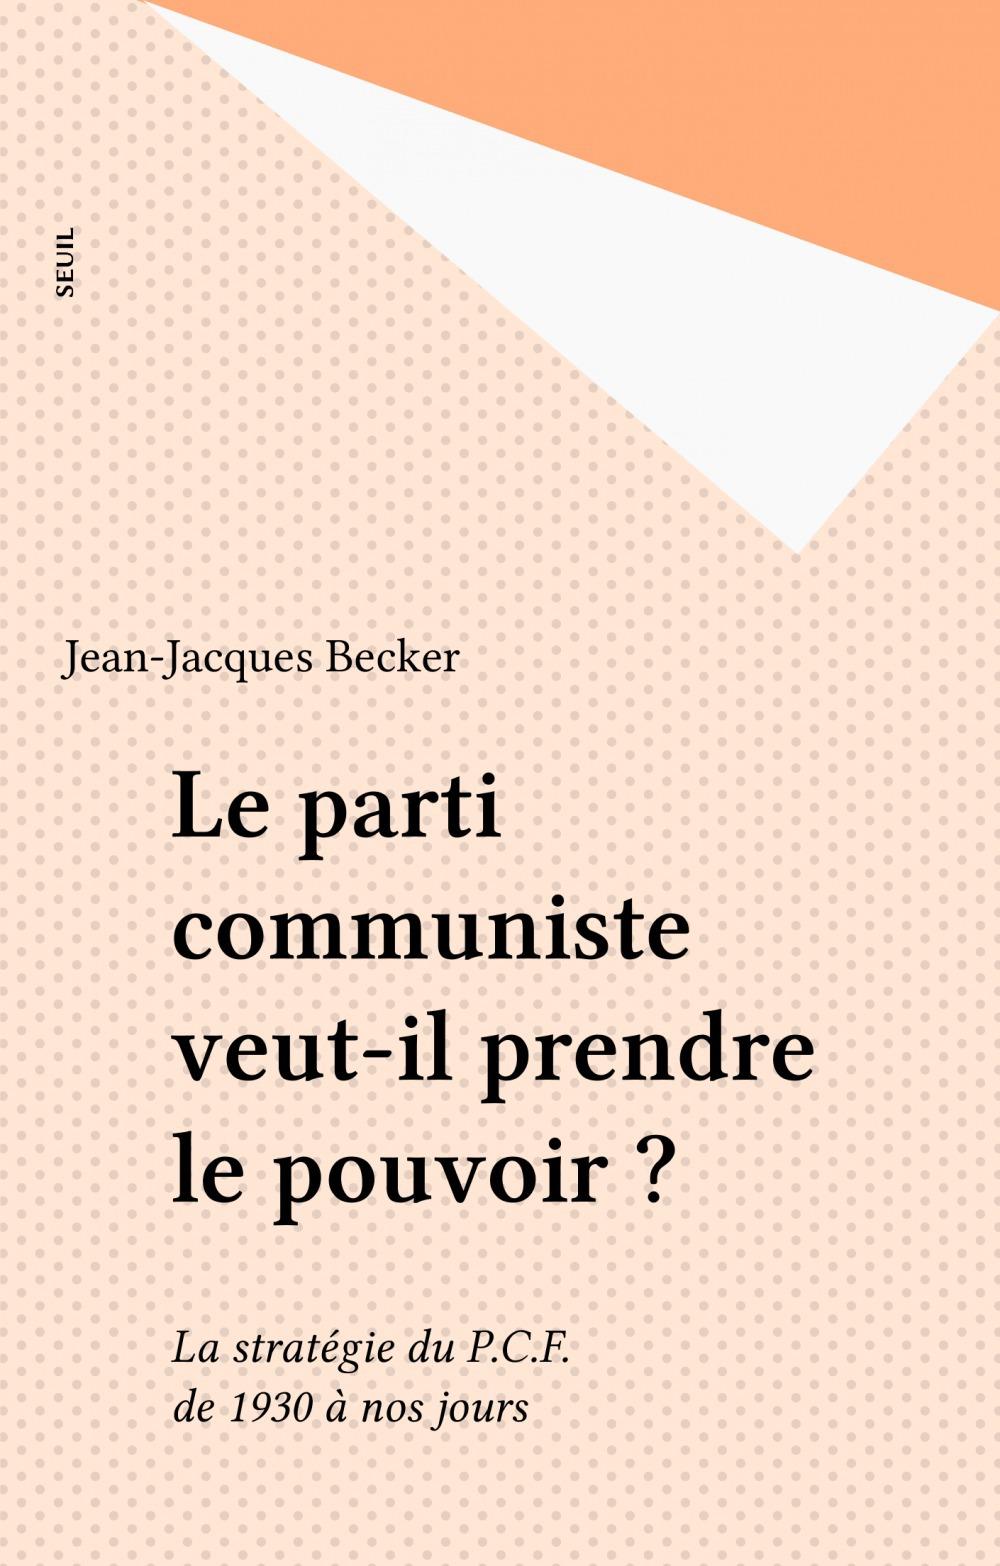 parti communiste veut-il prendre le pouvoir? strategie du pcf de 1930 a nos jours (le)